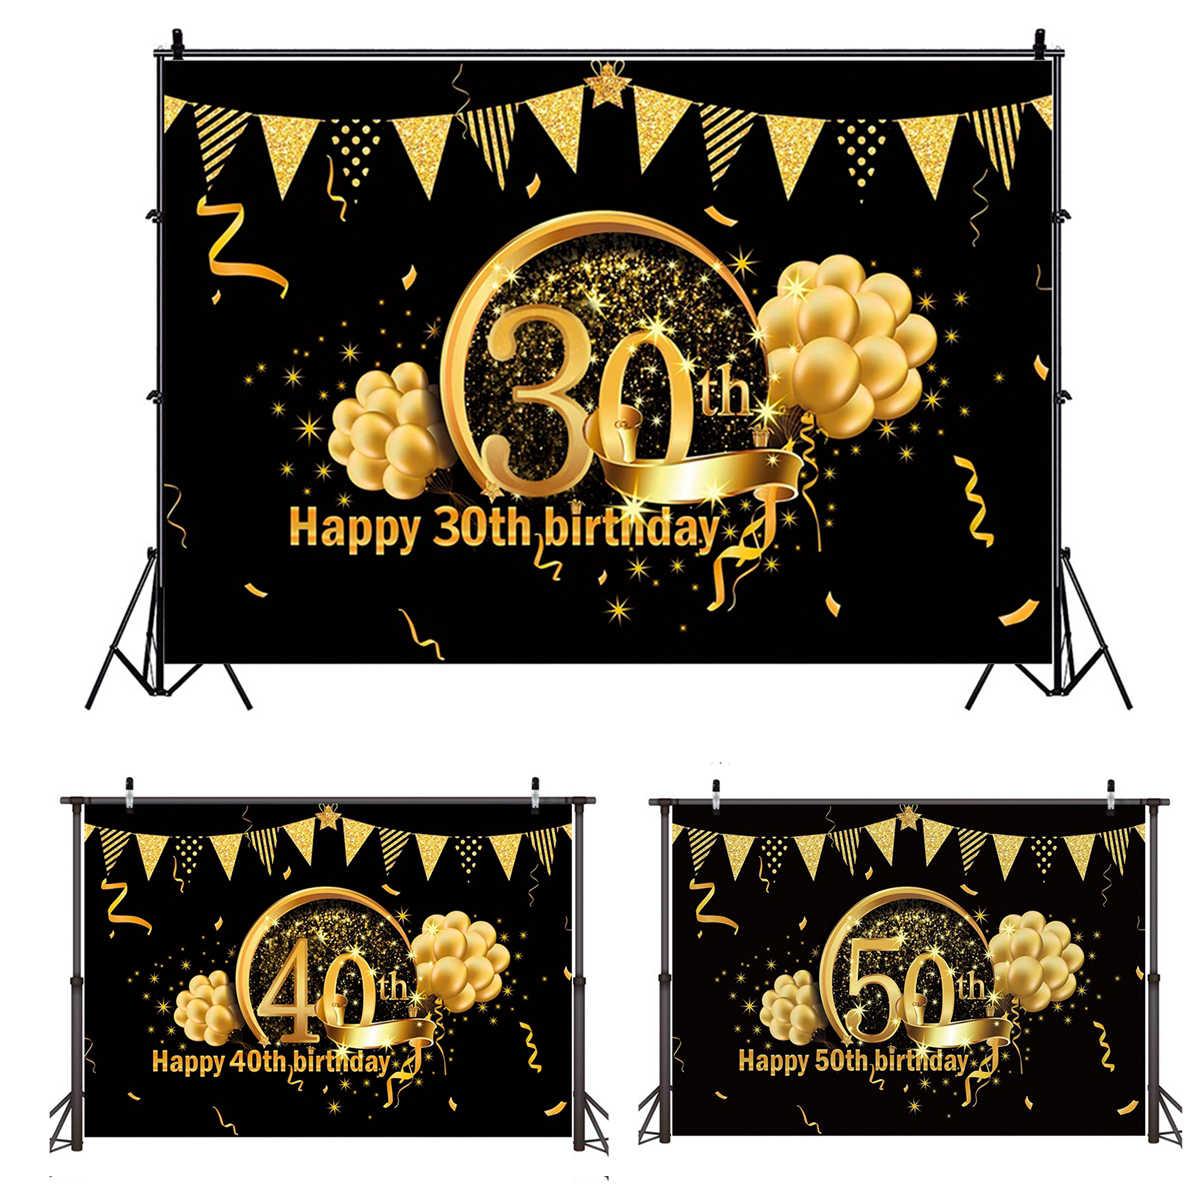 QIFU tło na urodziny Decor 30 40 50 dekoracje na przyjęcie urodzinowe dla dorosłych 30th 40th 50th materiały urodzinowe 30 lat rocznica